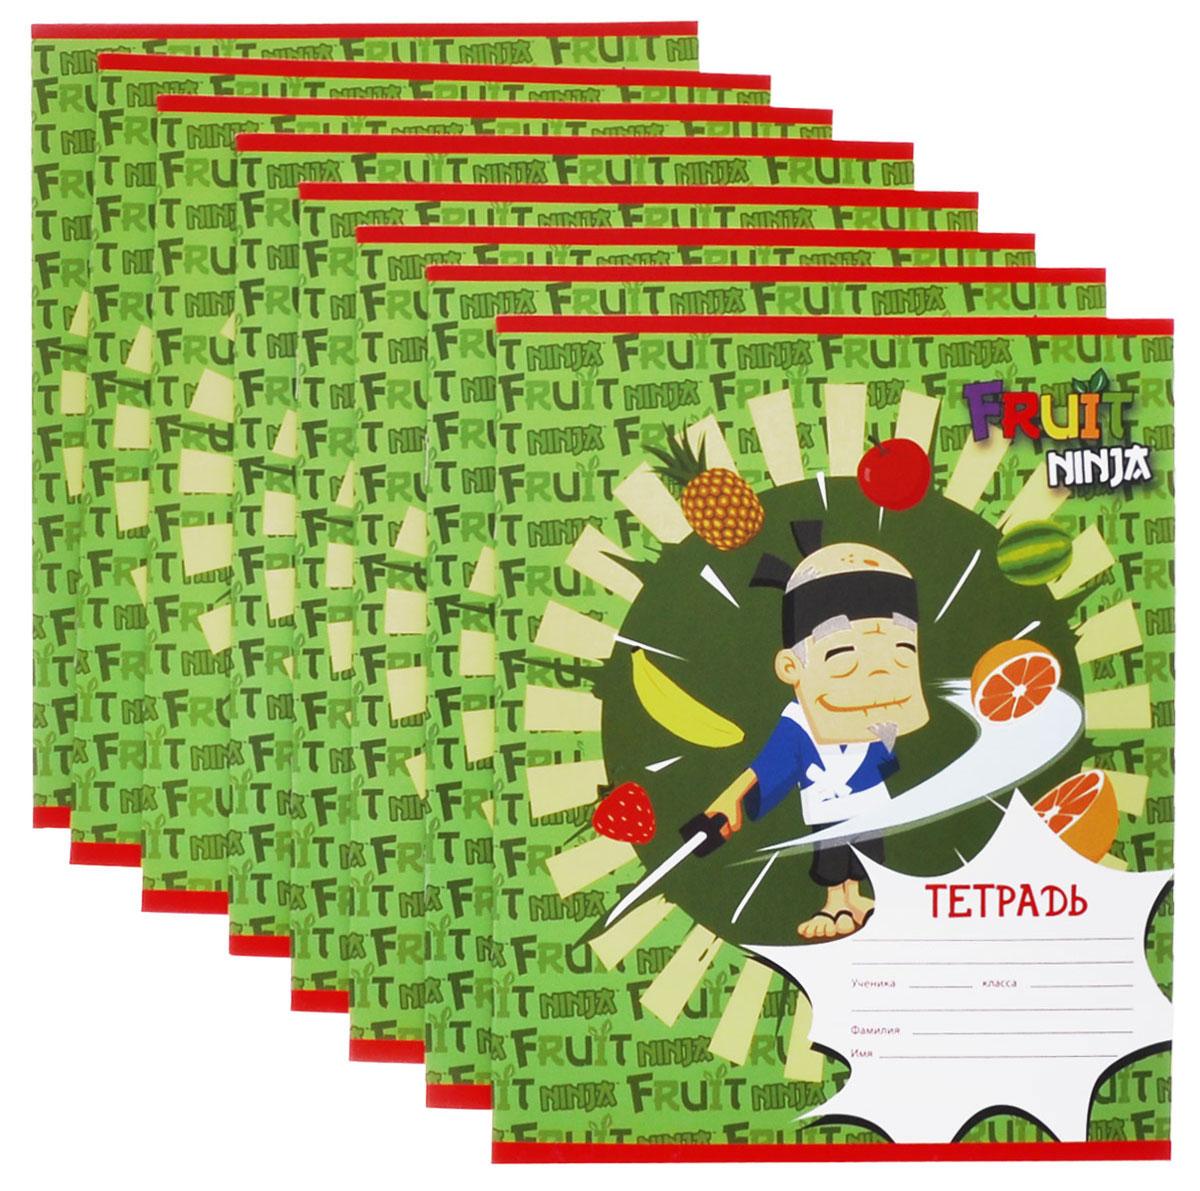 Action! Набор тетрадей в клетку Fruit Ninja цвет зеленый 24 листа 8 шт72523WDНабор тетрадей в клетку Action! Fruit Ninja идеально подойдет для занятий школьнику или студенту. Обложка, выполненная из плотного картона, позволит сохранить тетрадь в аккуратном состоянии на протяжении всего времени использования. Обложка тетради оформлена красочным изображением с героями из игры Fruit Ninja. Внутренний блок состоит из 24 листов белой бумаги в фиолетовую клетку с полями.